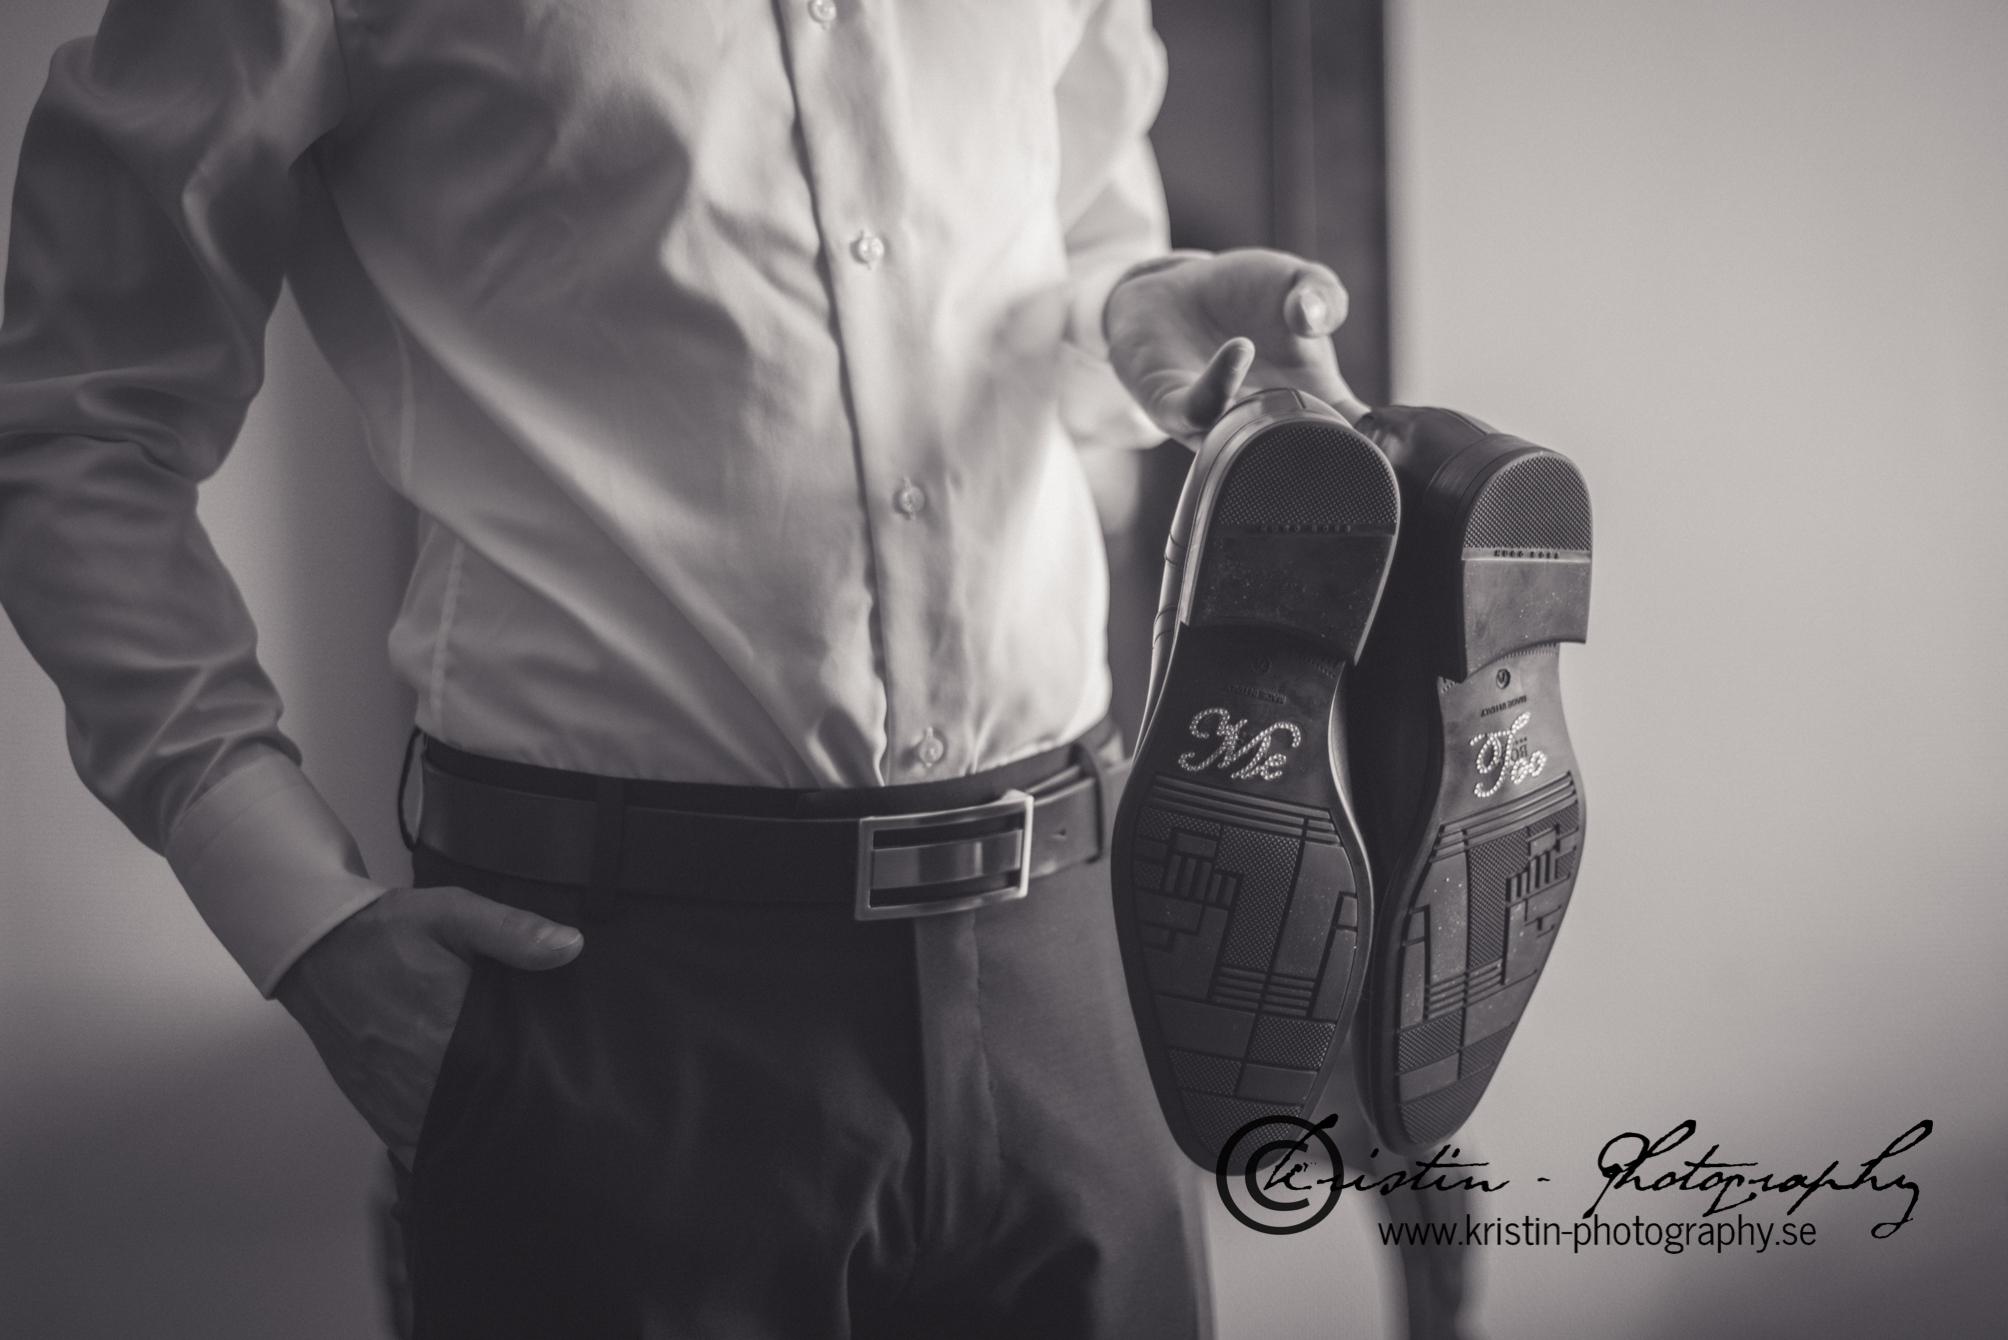 Bröllopsfotograf i Eskilstuna, Kristin - Photography, weddingphotographer -20.jpg